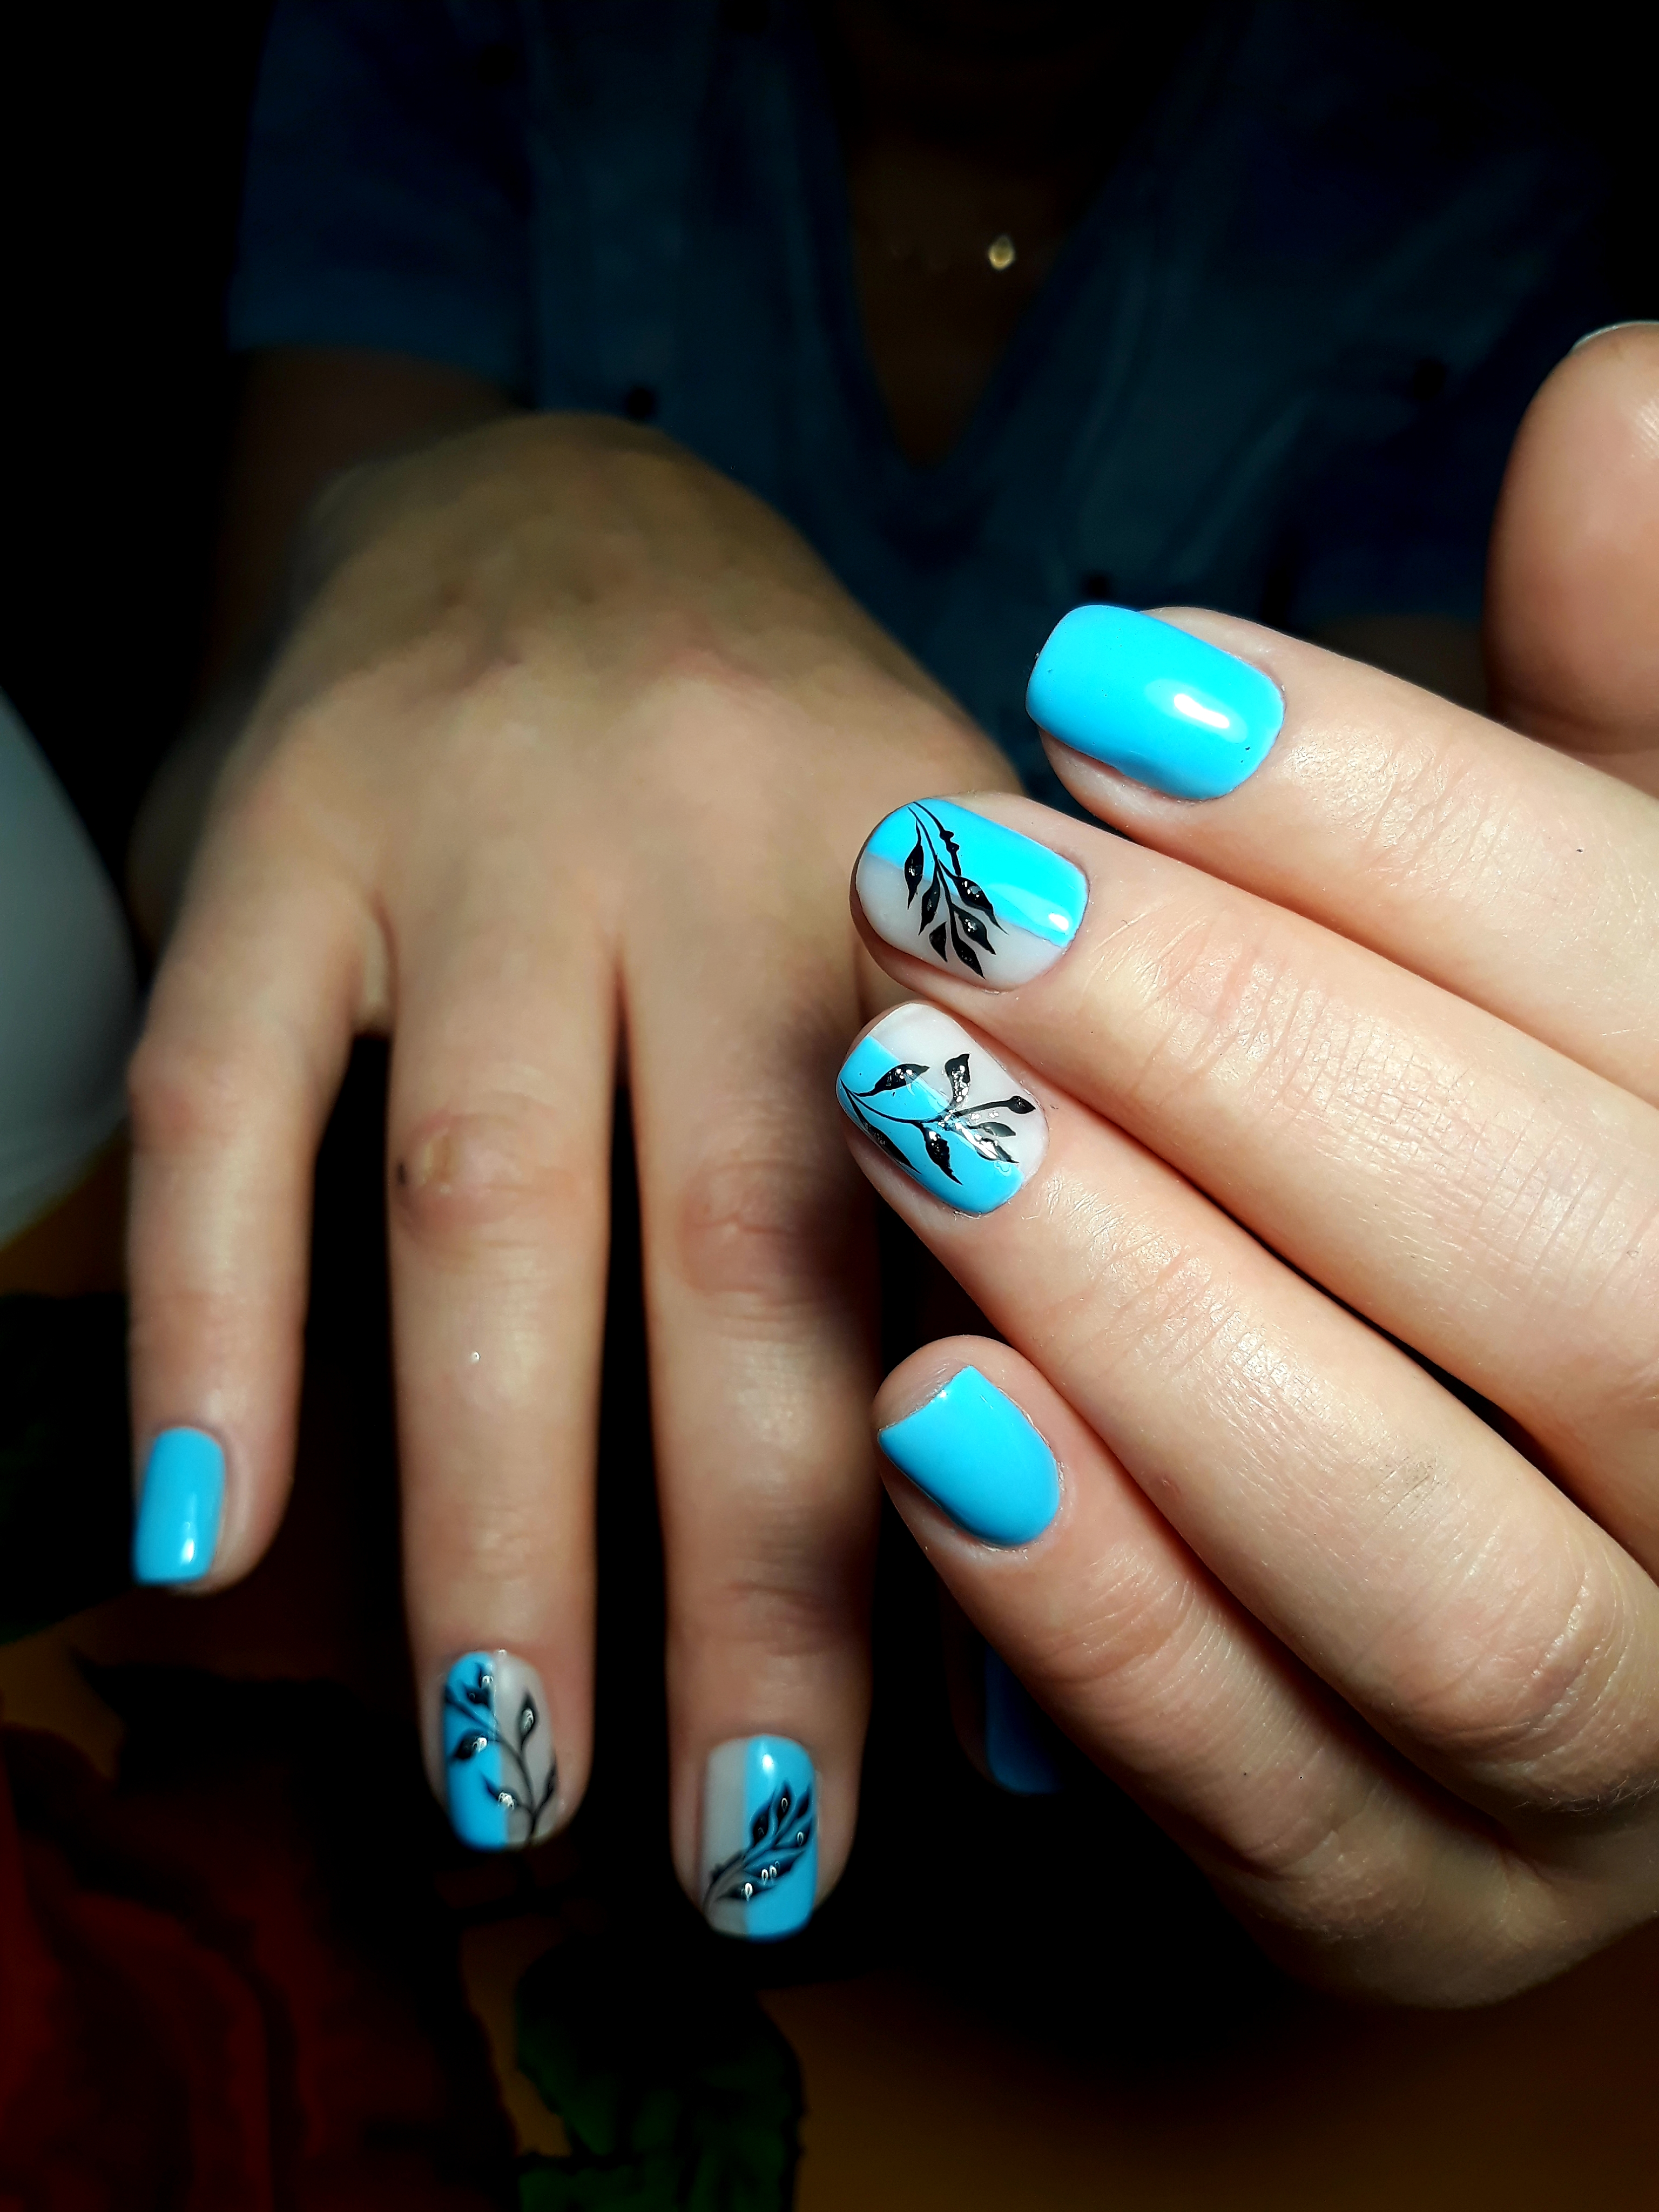 Маникюр с растительным рисунком в голубом цвете на короткие ногти.